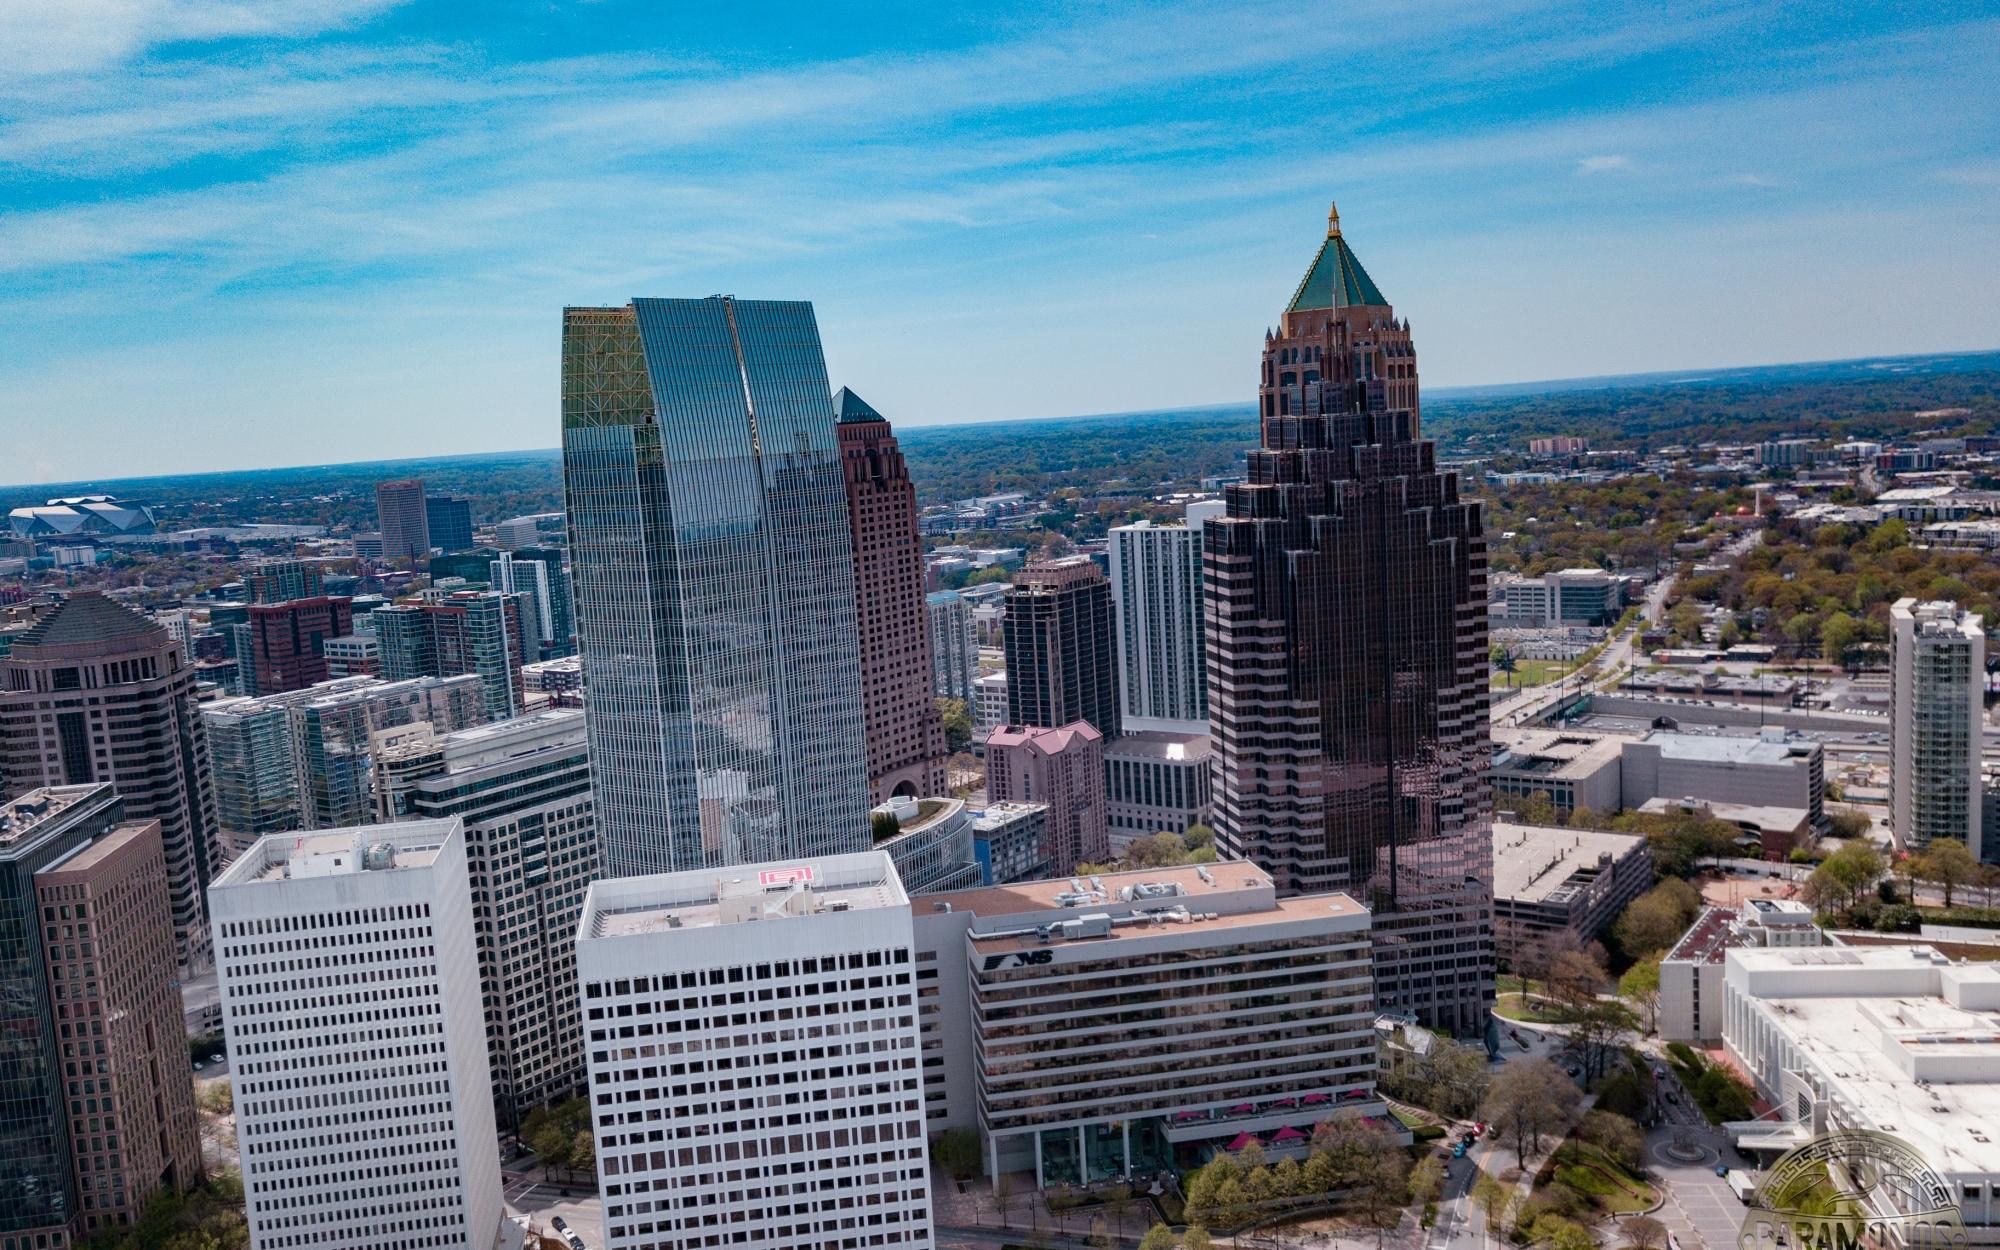 Atlanta, Georgia Info@OpulenceImages.com